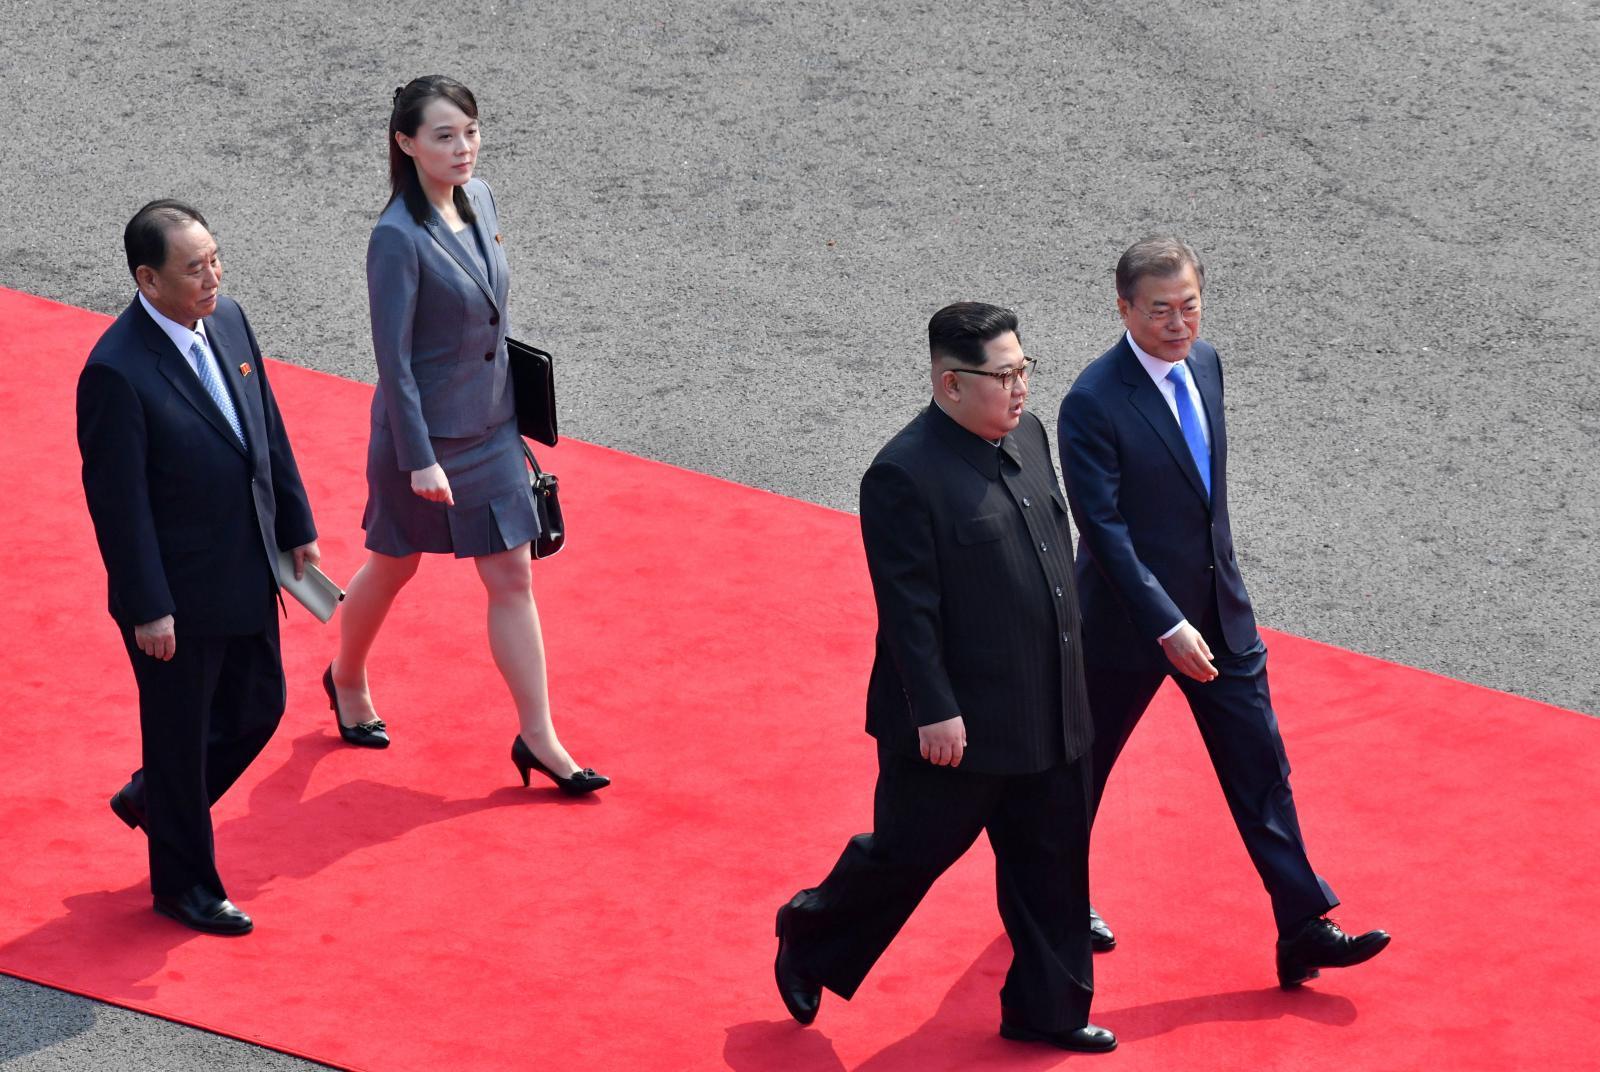 """""""คิม จอง-อึน"""" ข้ามแดนพบผู้นำเกาหลีใต้ เปิดประวัติศาสตร์โลกบทใหม่"""